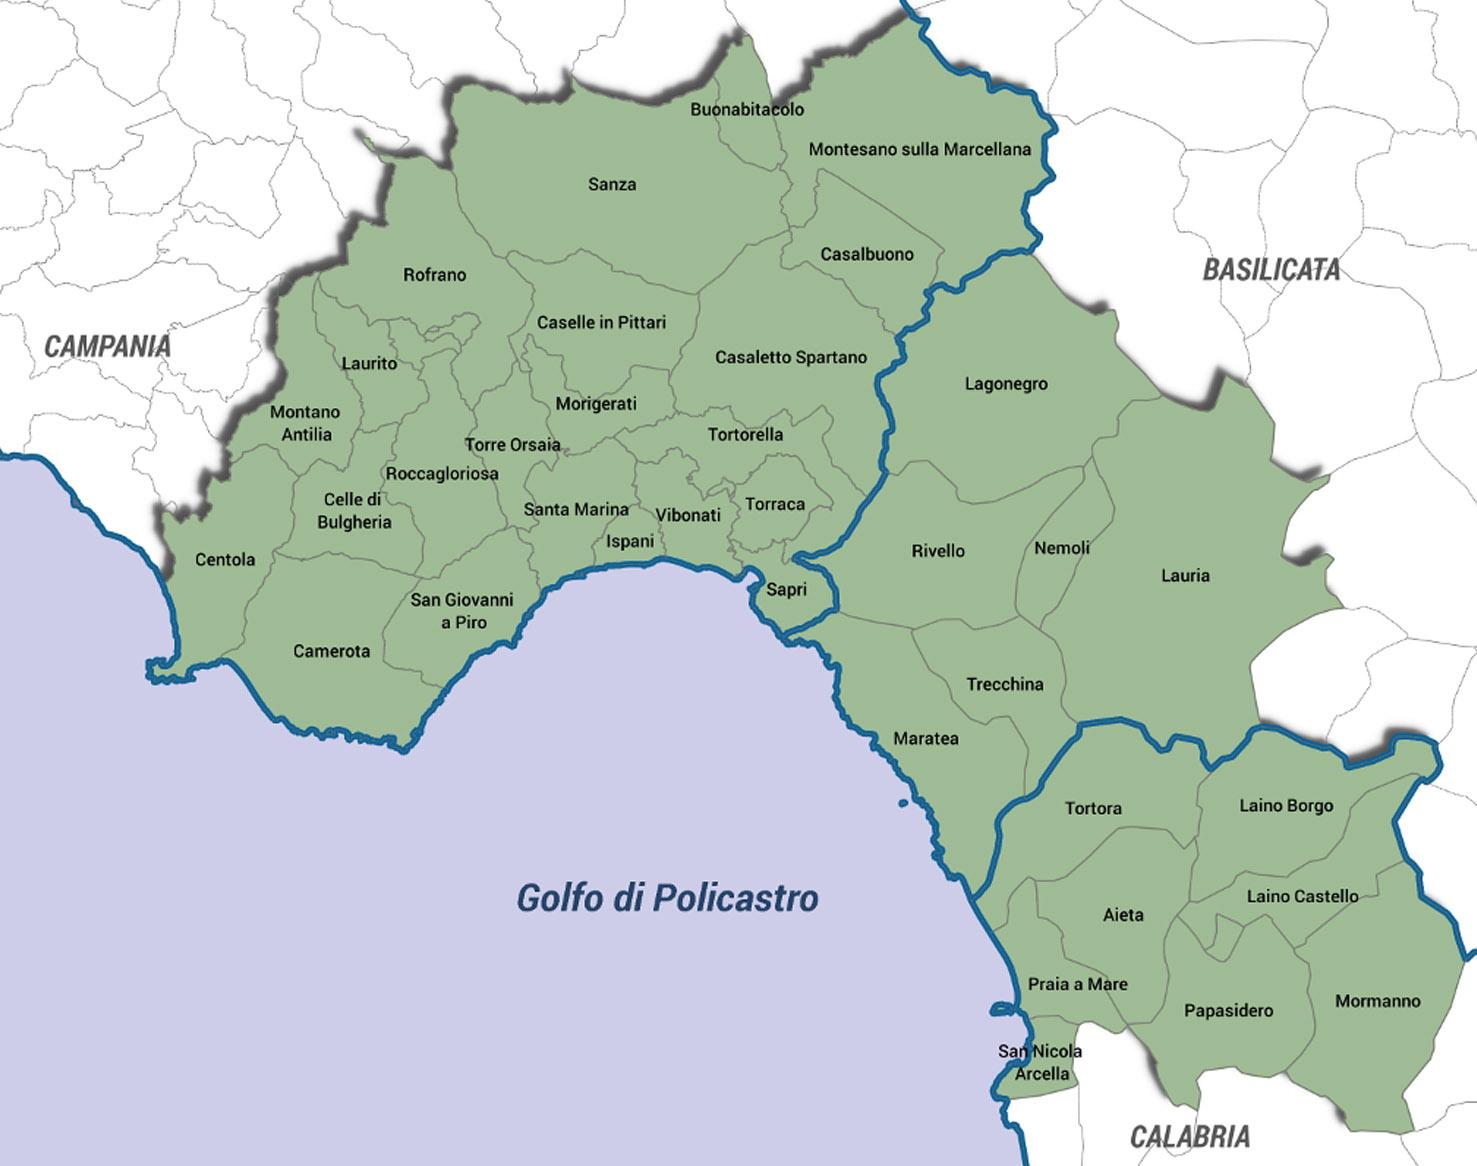 Cartina Campania Grande.Golfo Di Policastro Un Area Tra Campania Basilicata E Calabria